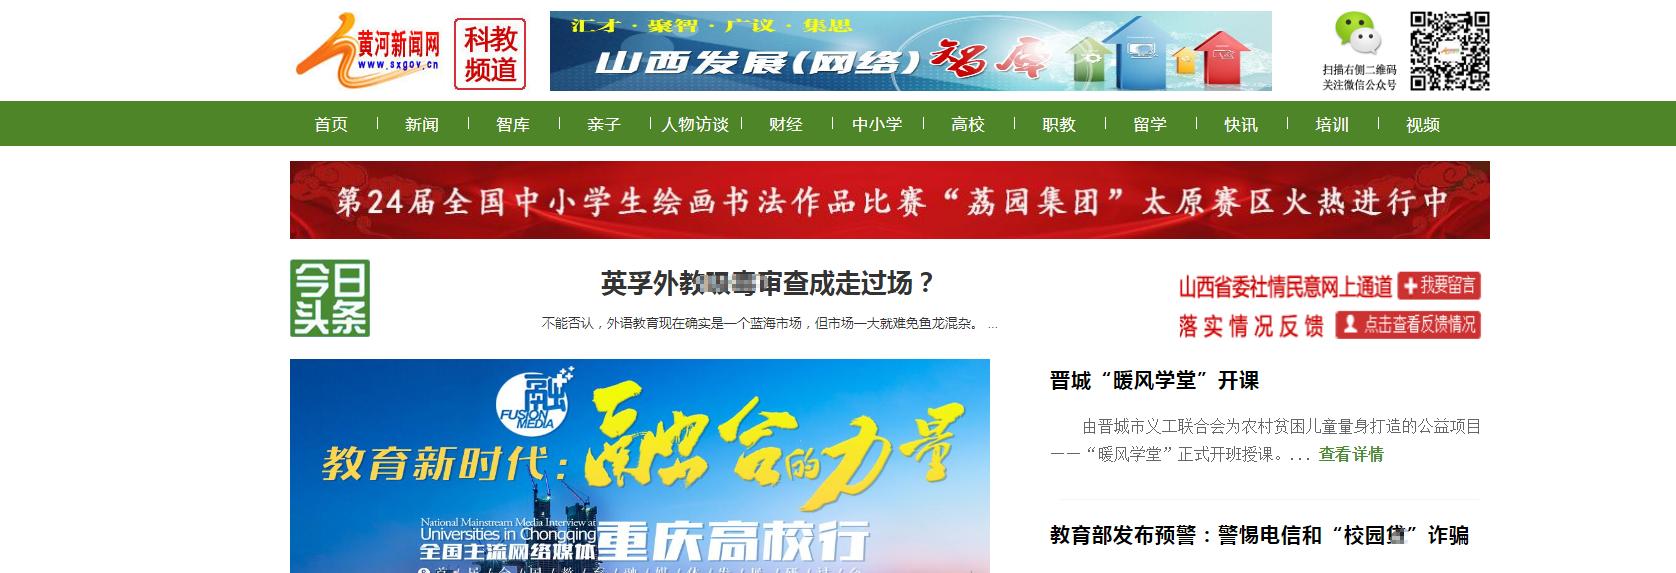 黄河新闻网宣传展示